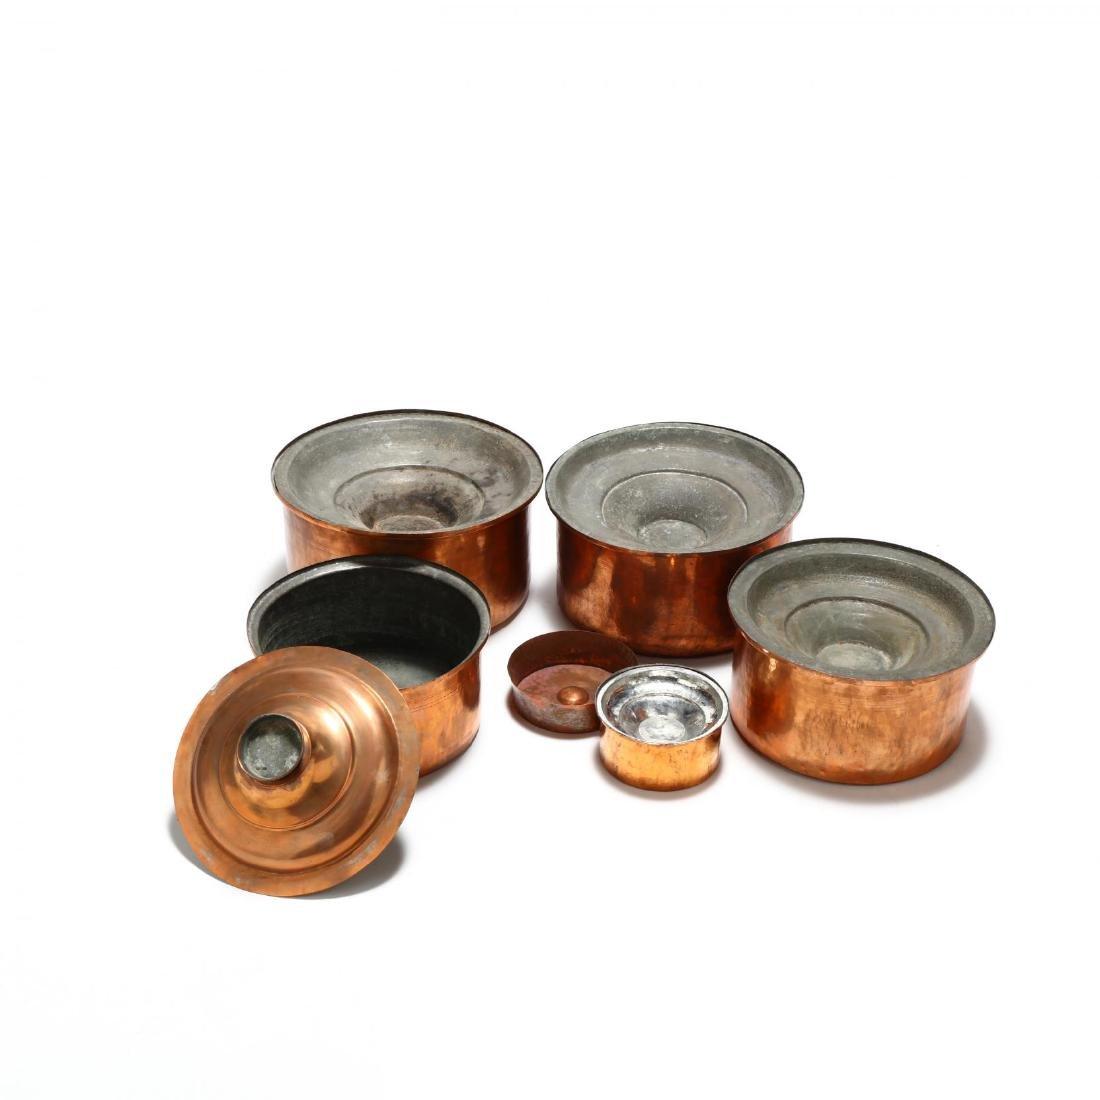 Five Graduated Copper Stock Pots - 4